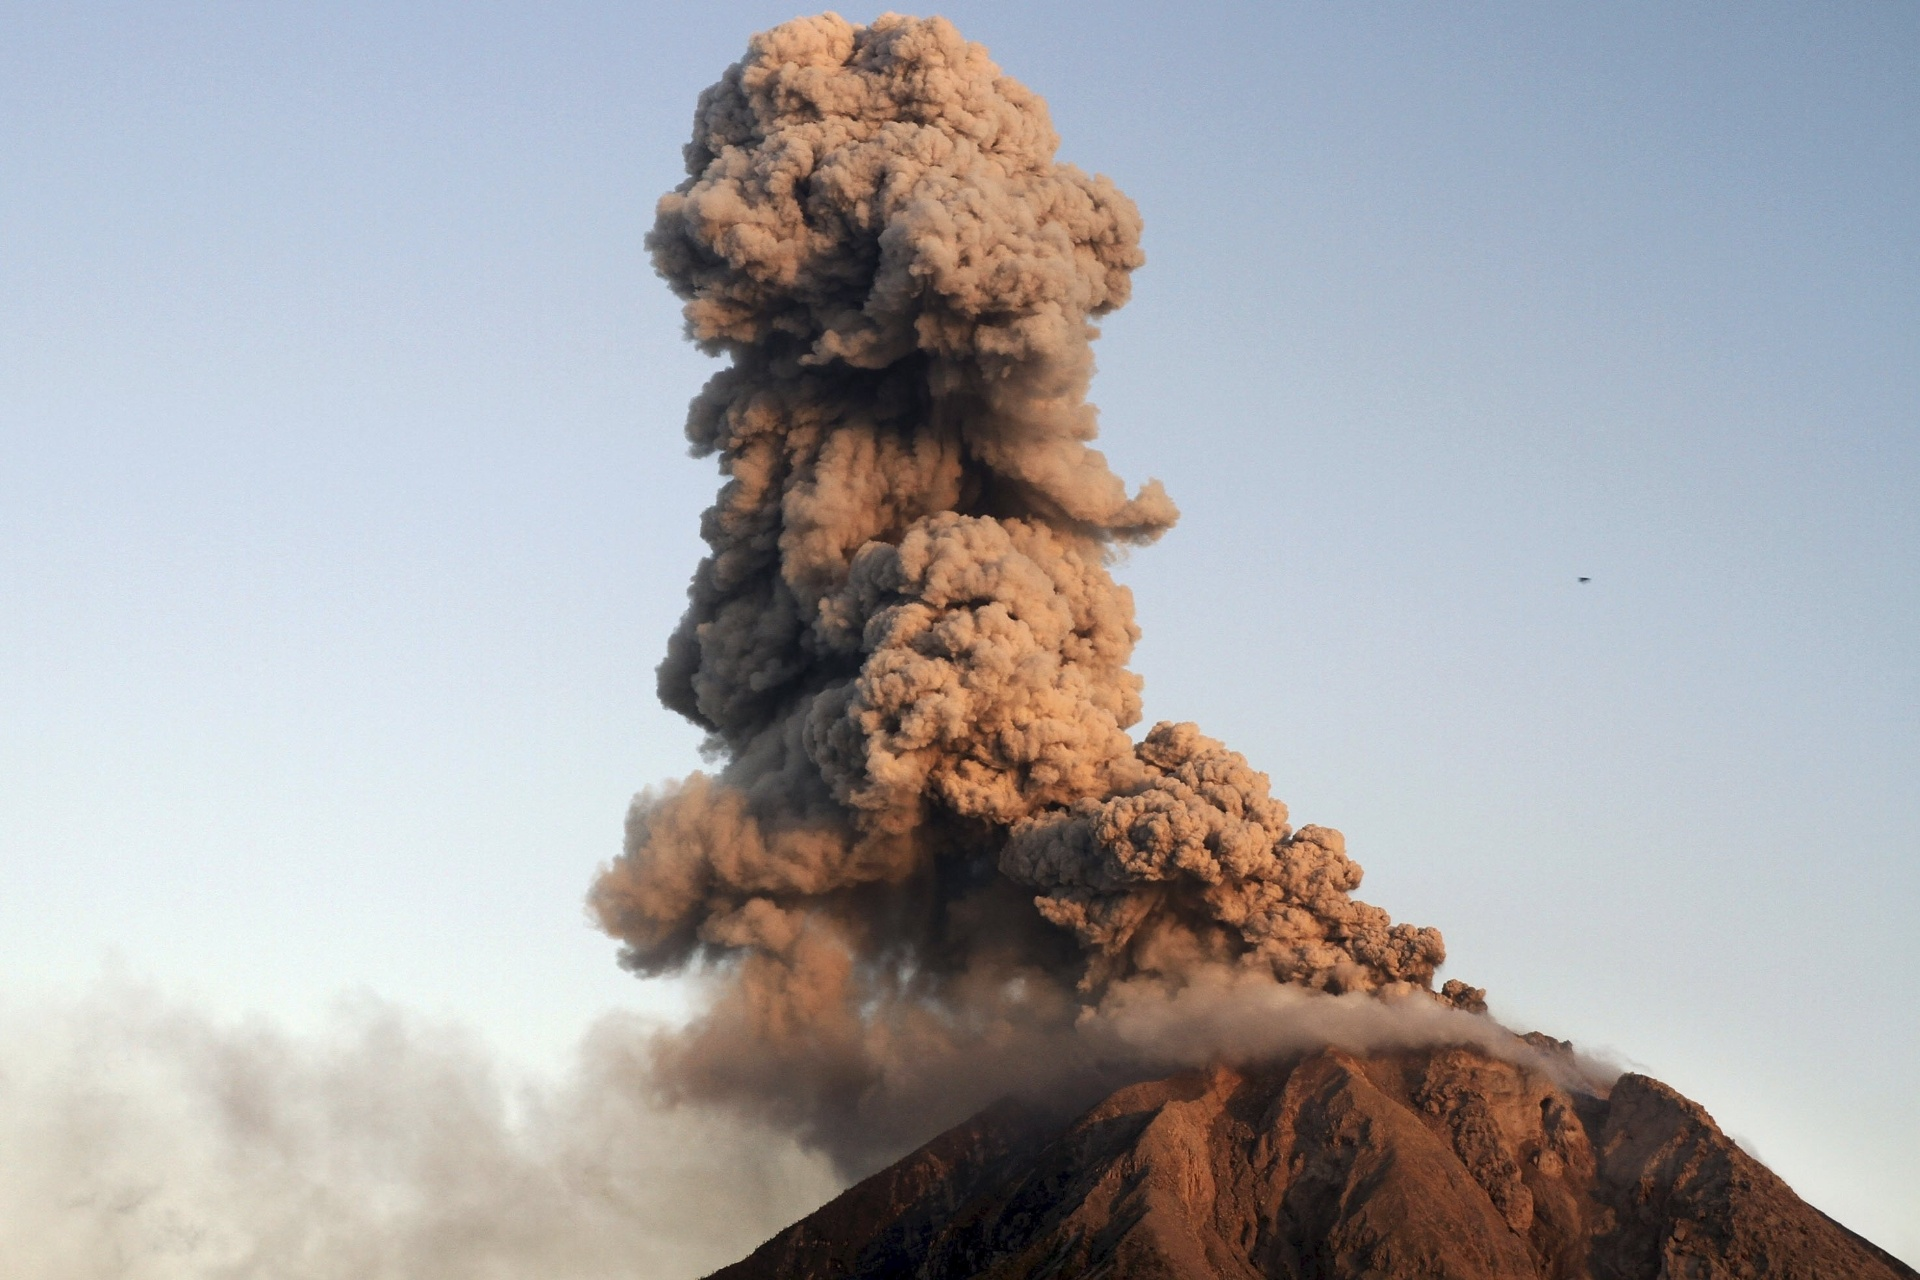 7.jan.2016 - Vulcão Sinabung expele cinzas durante erupção vista do vilarejo de Tiga Serangkai, no norte de Sumatra, na Indonésia